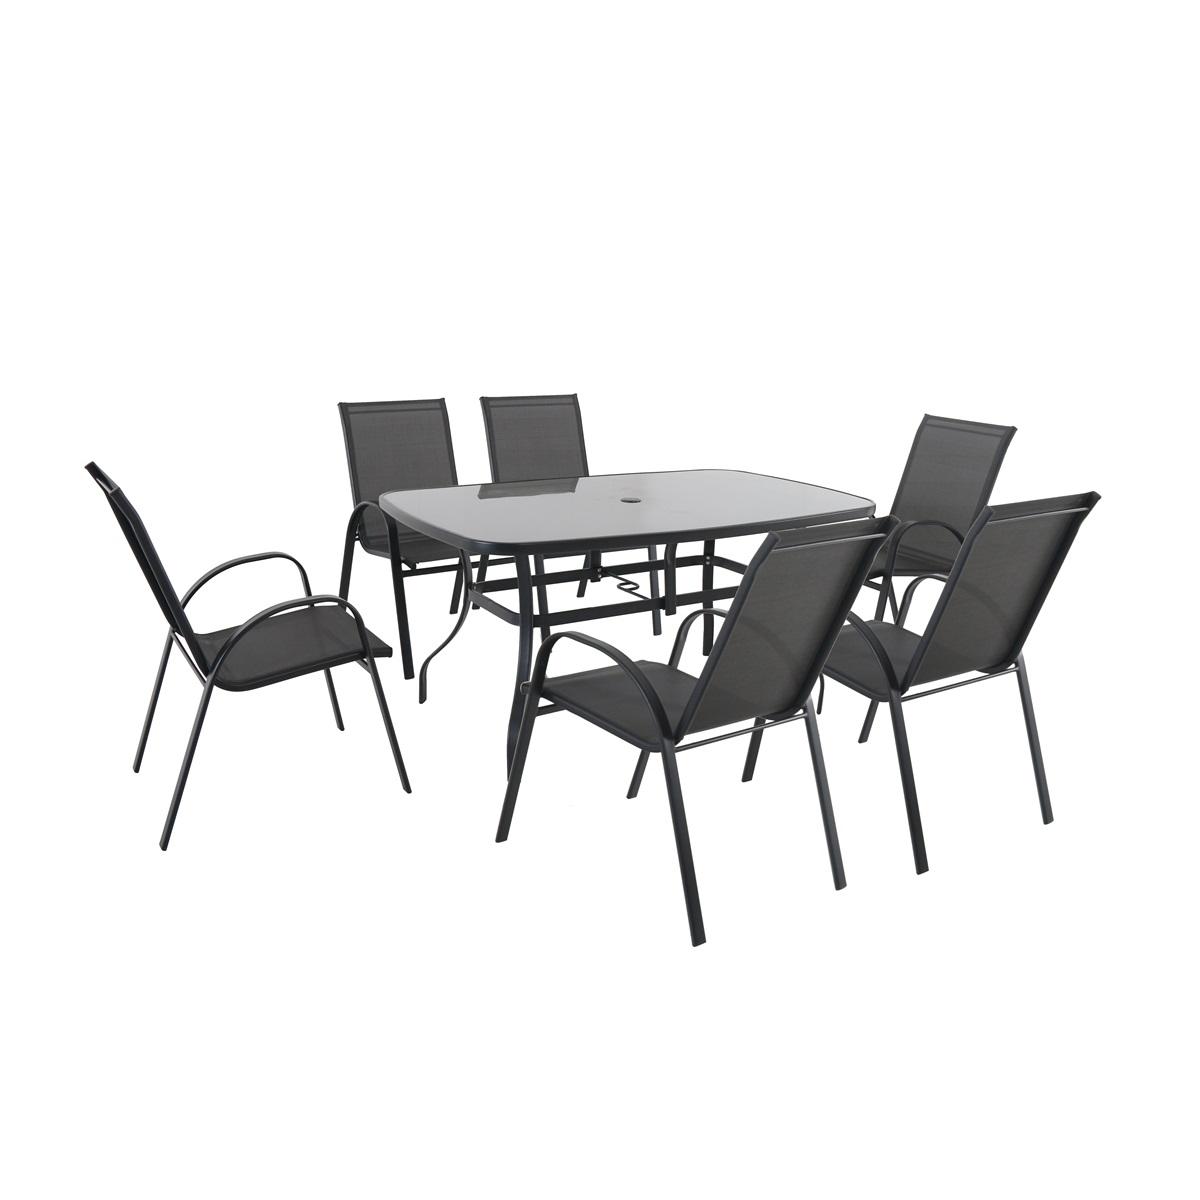 Creador Verona 6+, sestava nábytku z kovu (6x židle + 1x stůl)